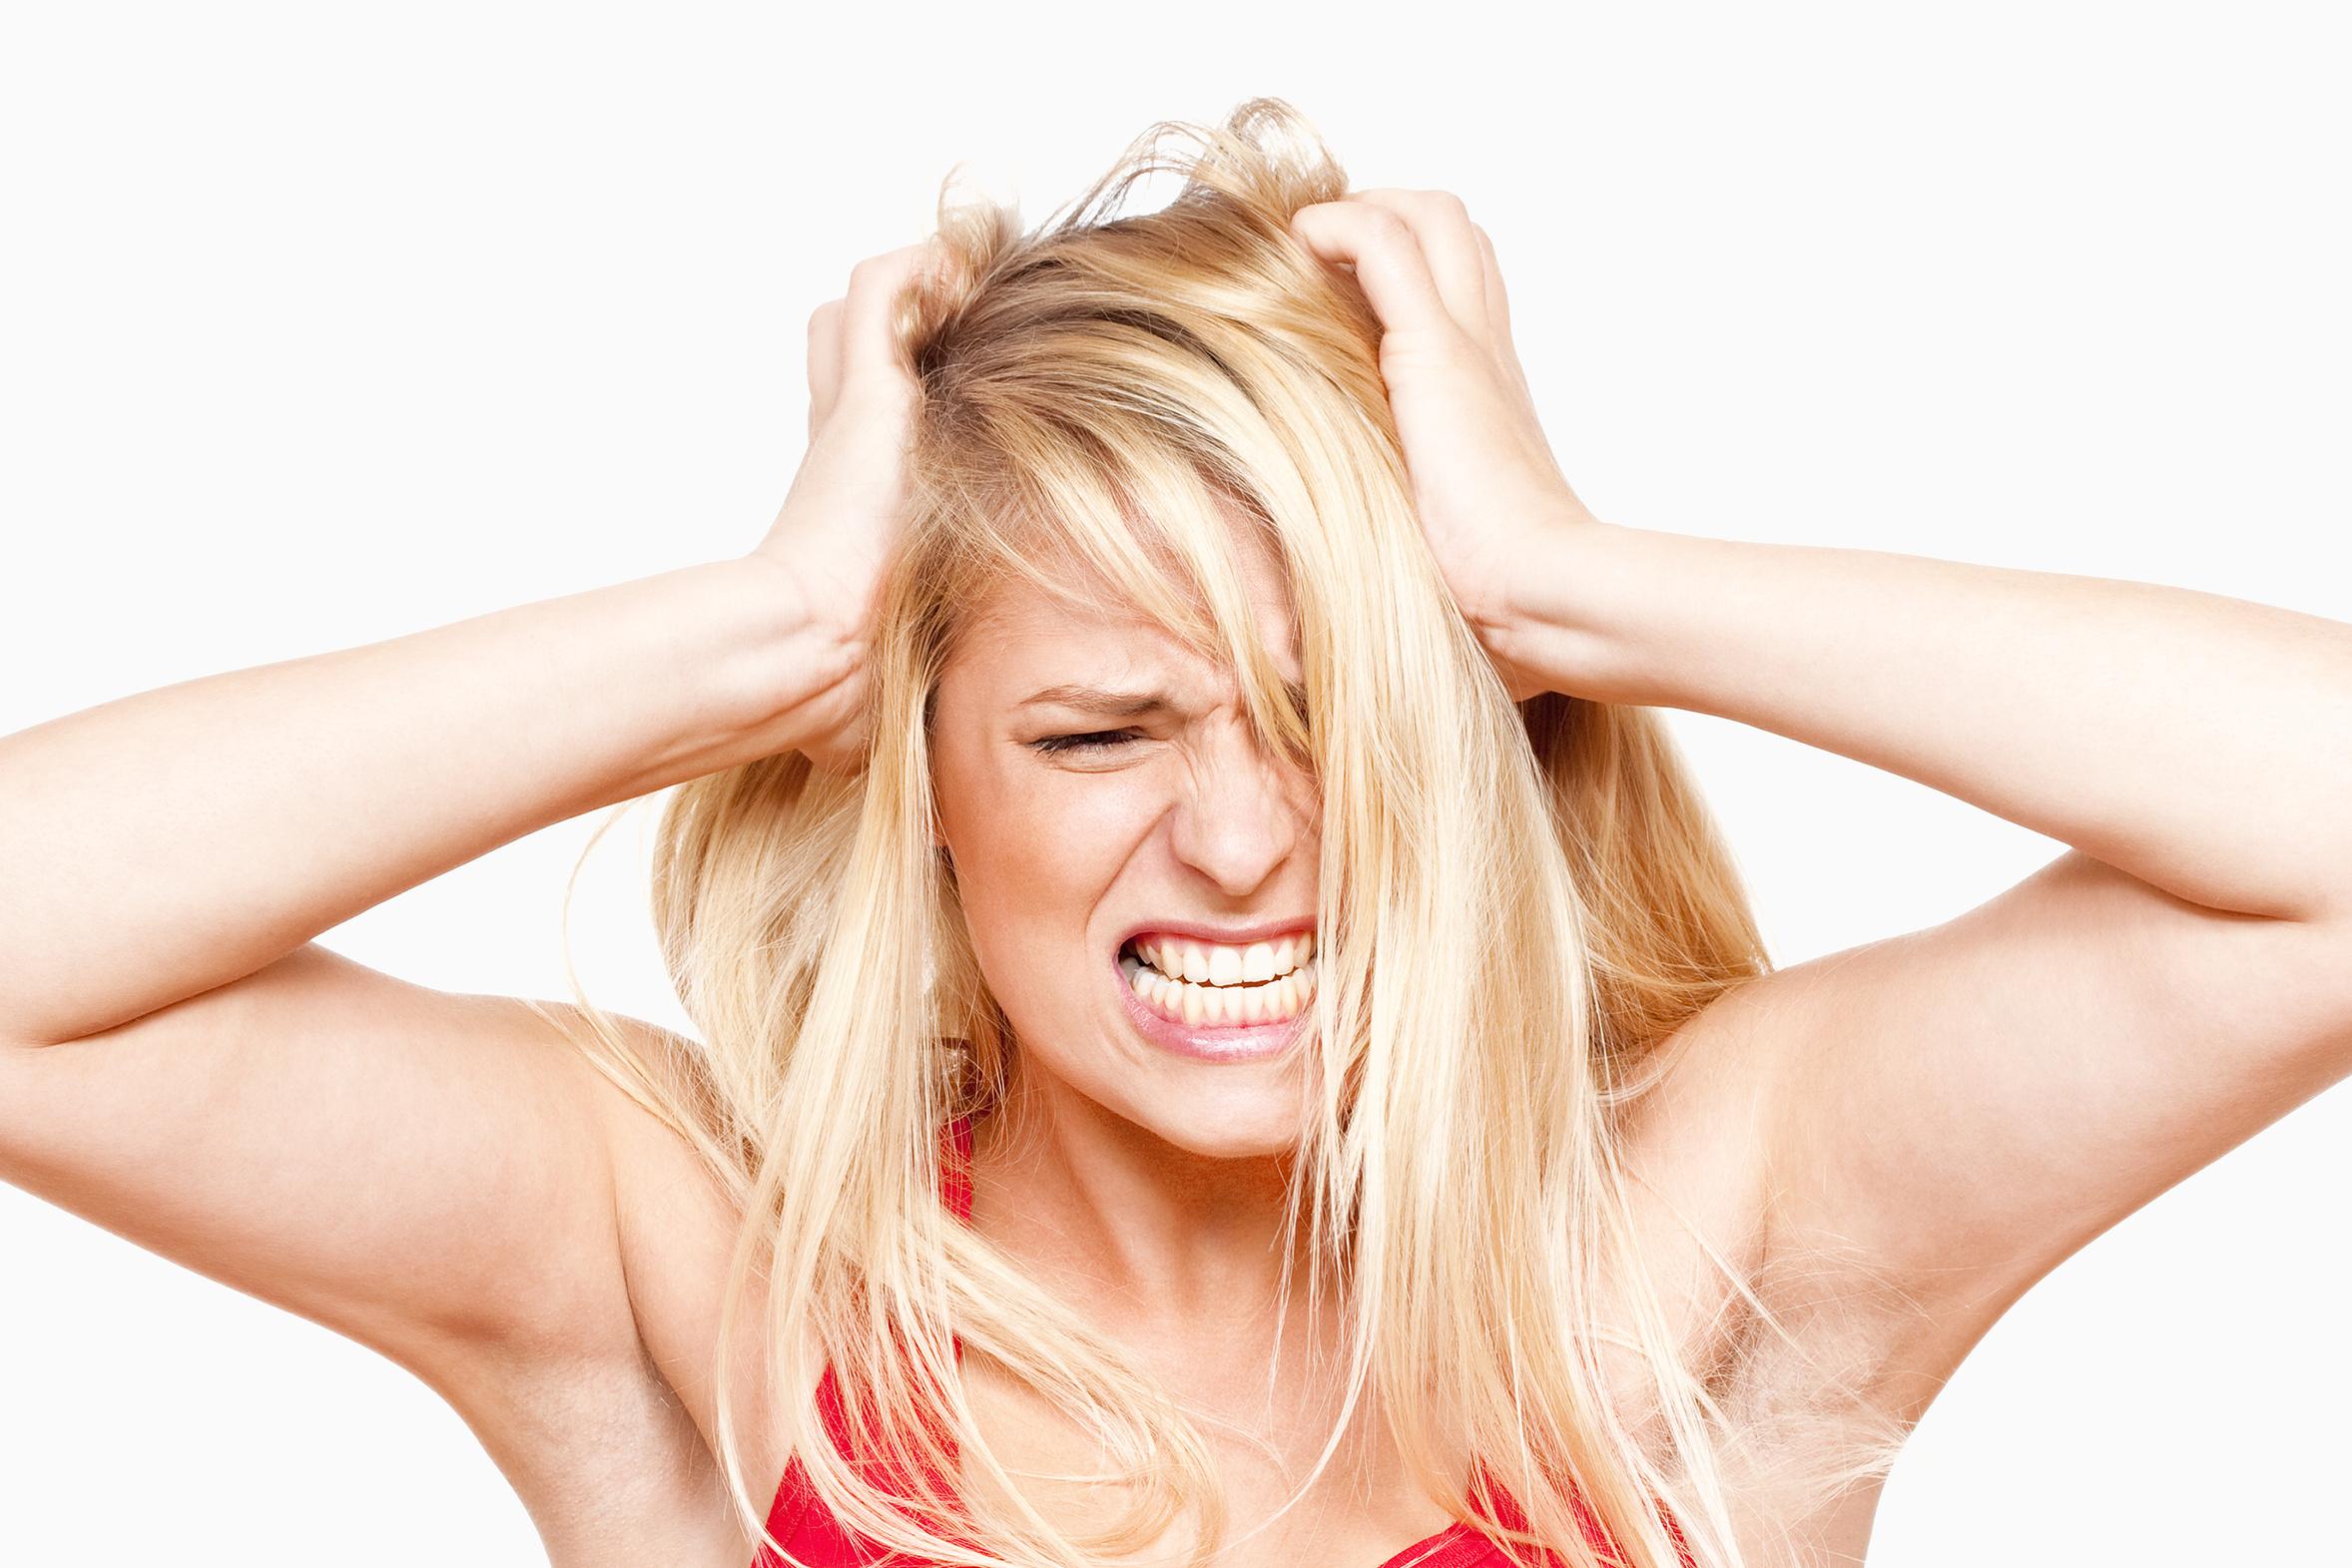 Priešmenstruacinis sindromas PMS